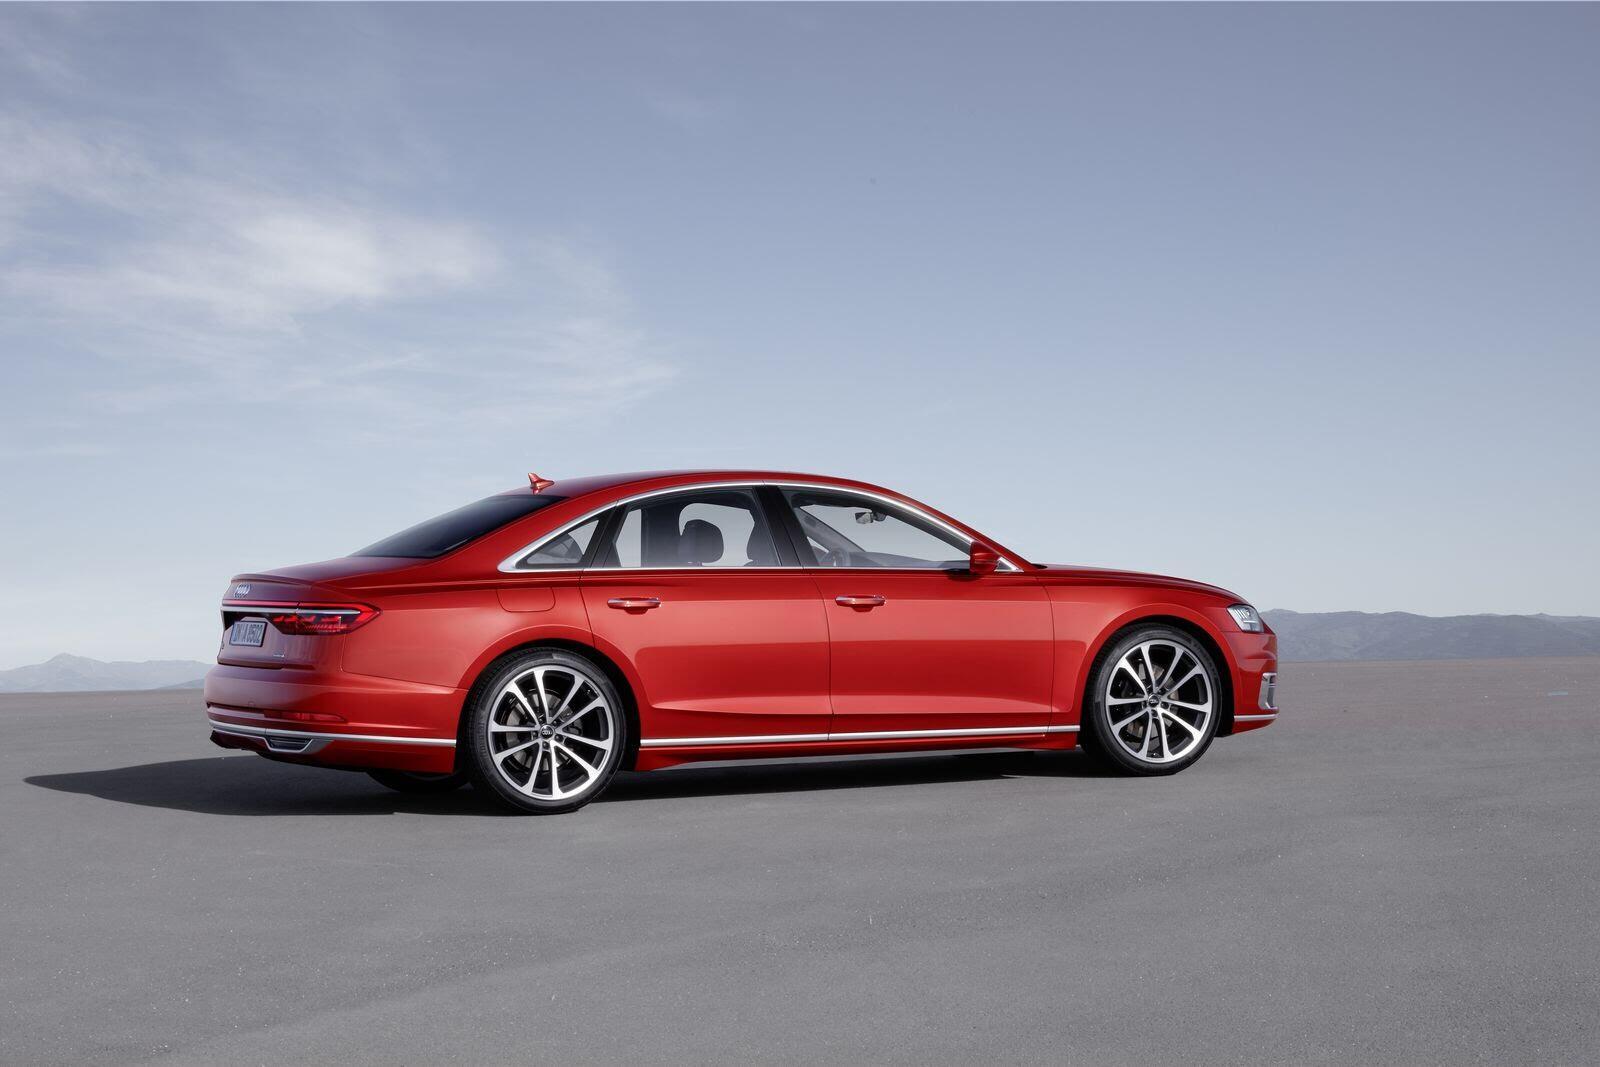 Audi A8 hoàn toàn mới chính thức ra mắt với đầy ắp công nghệ - Hình 24